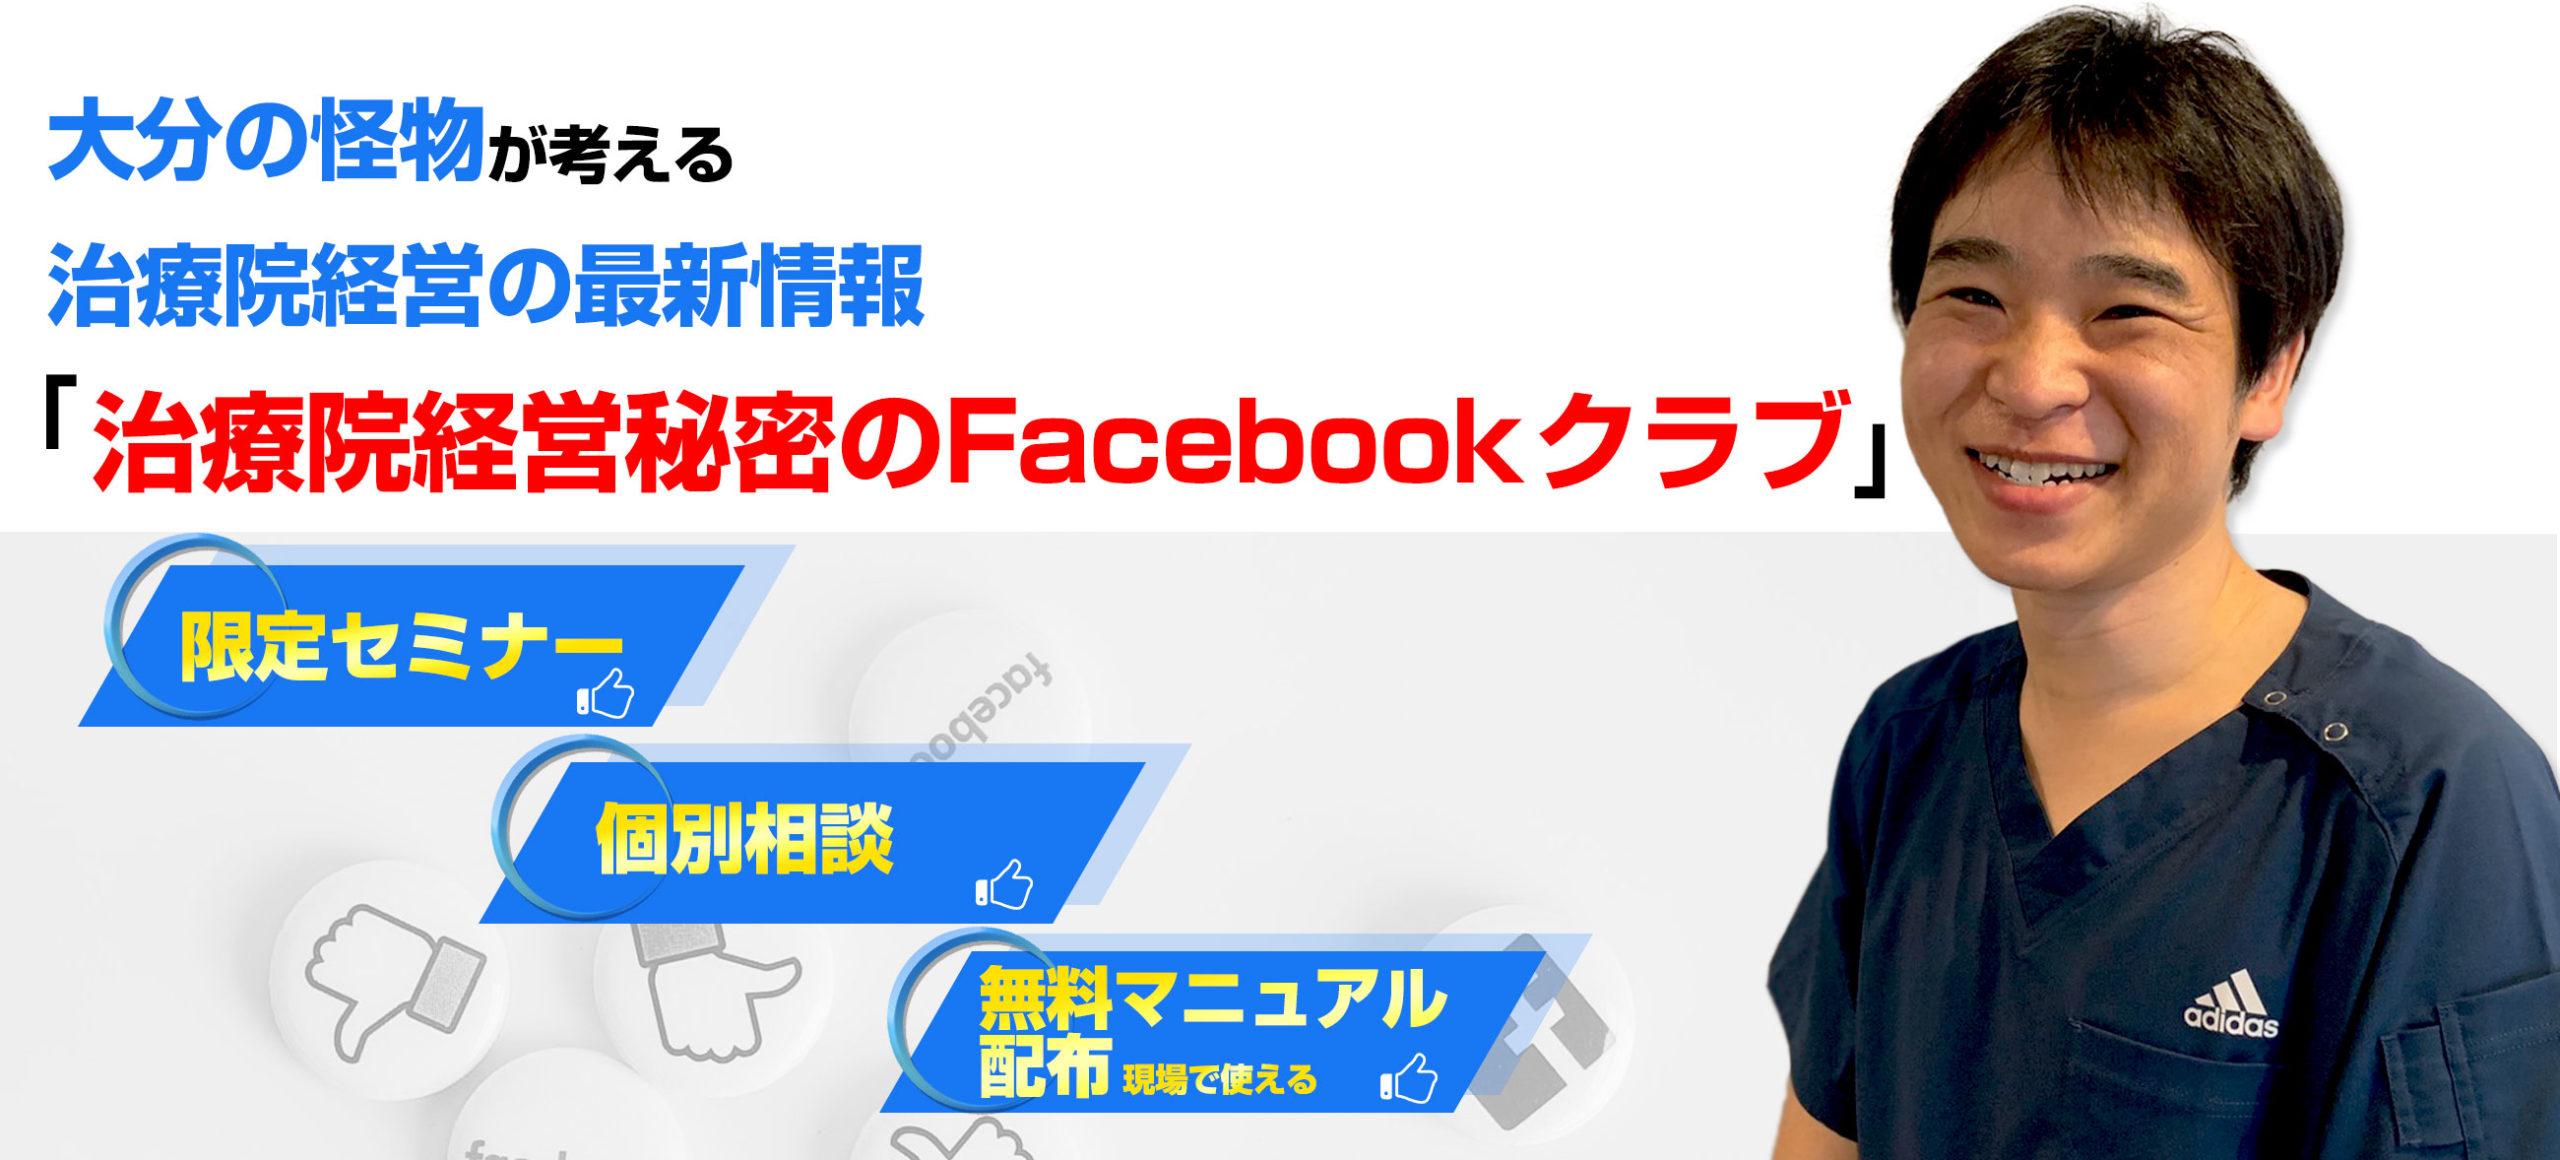 治療院経営秘密のFacebookクラブ